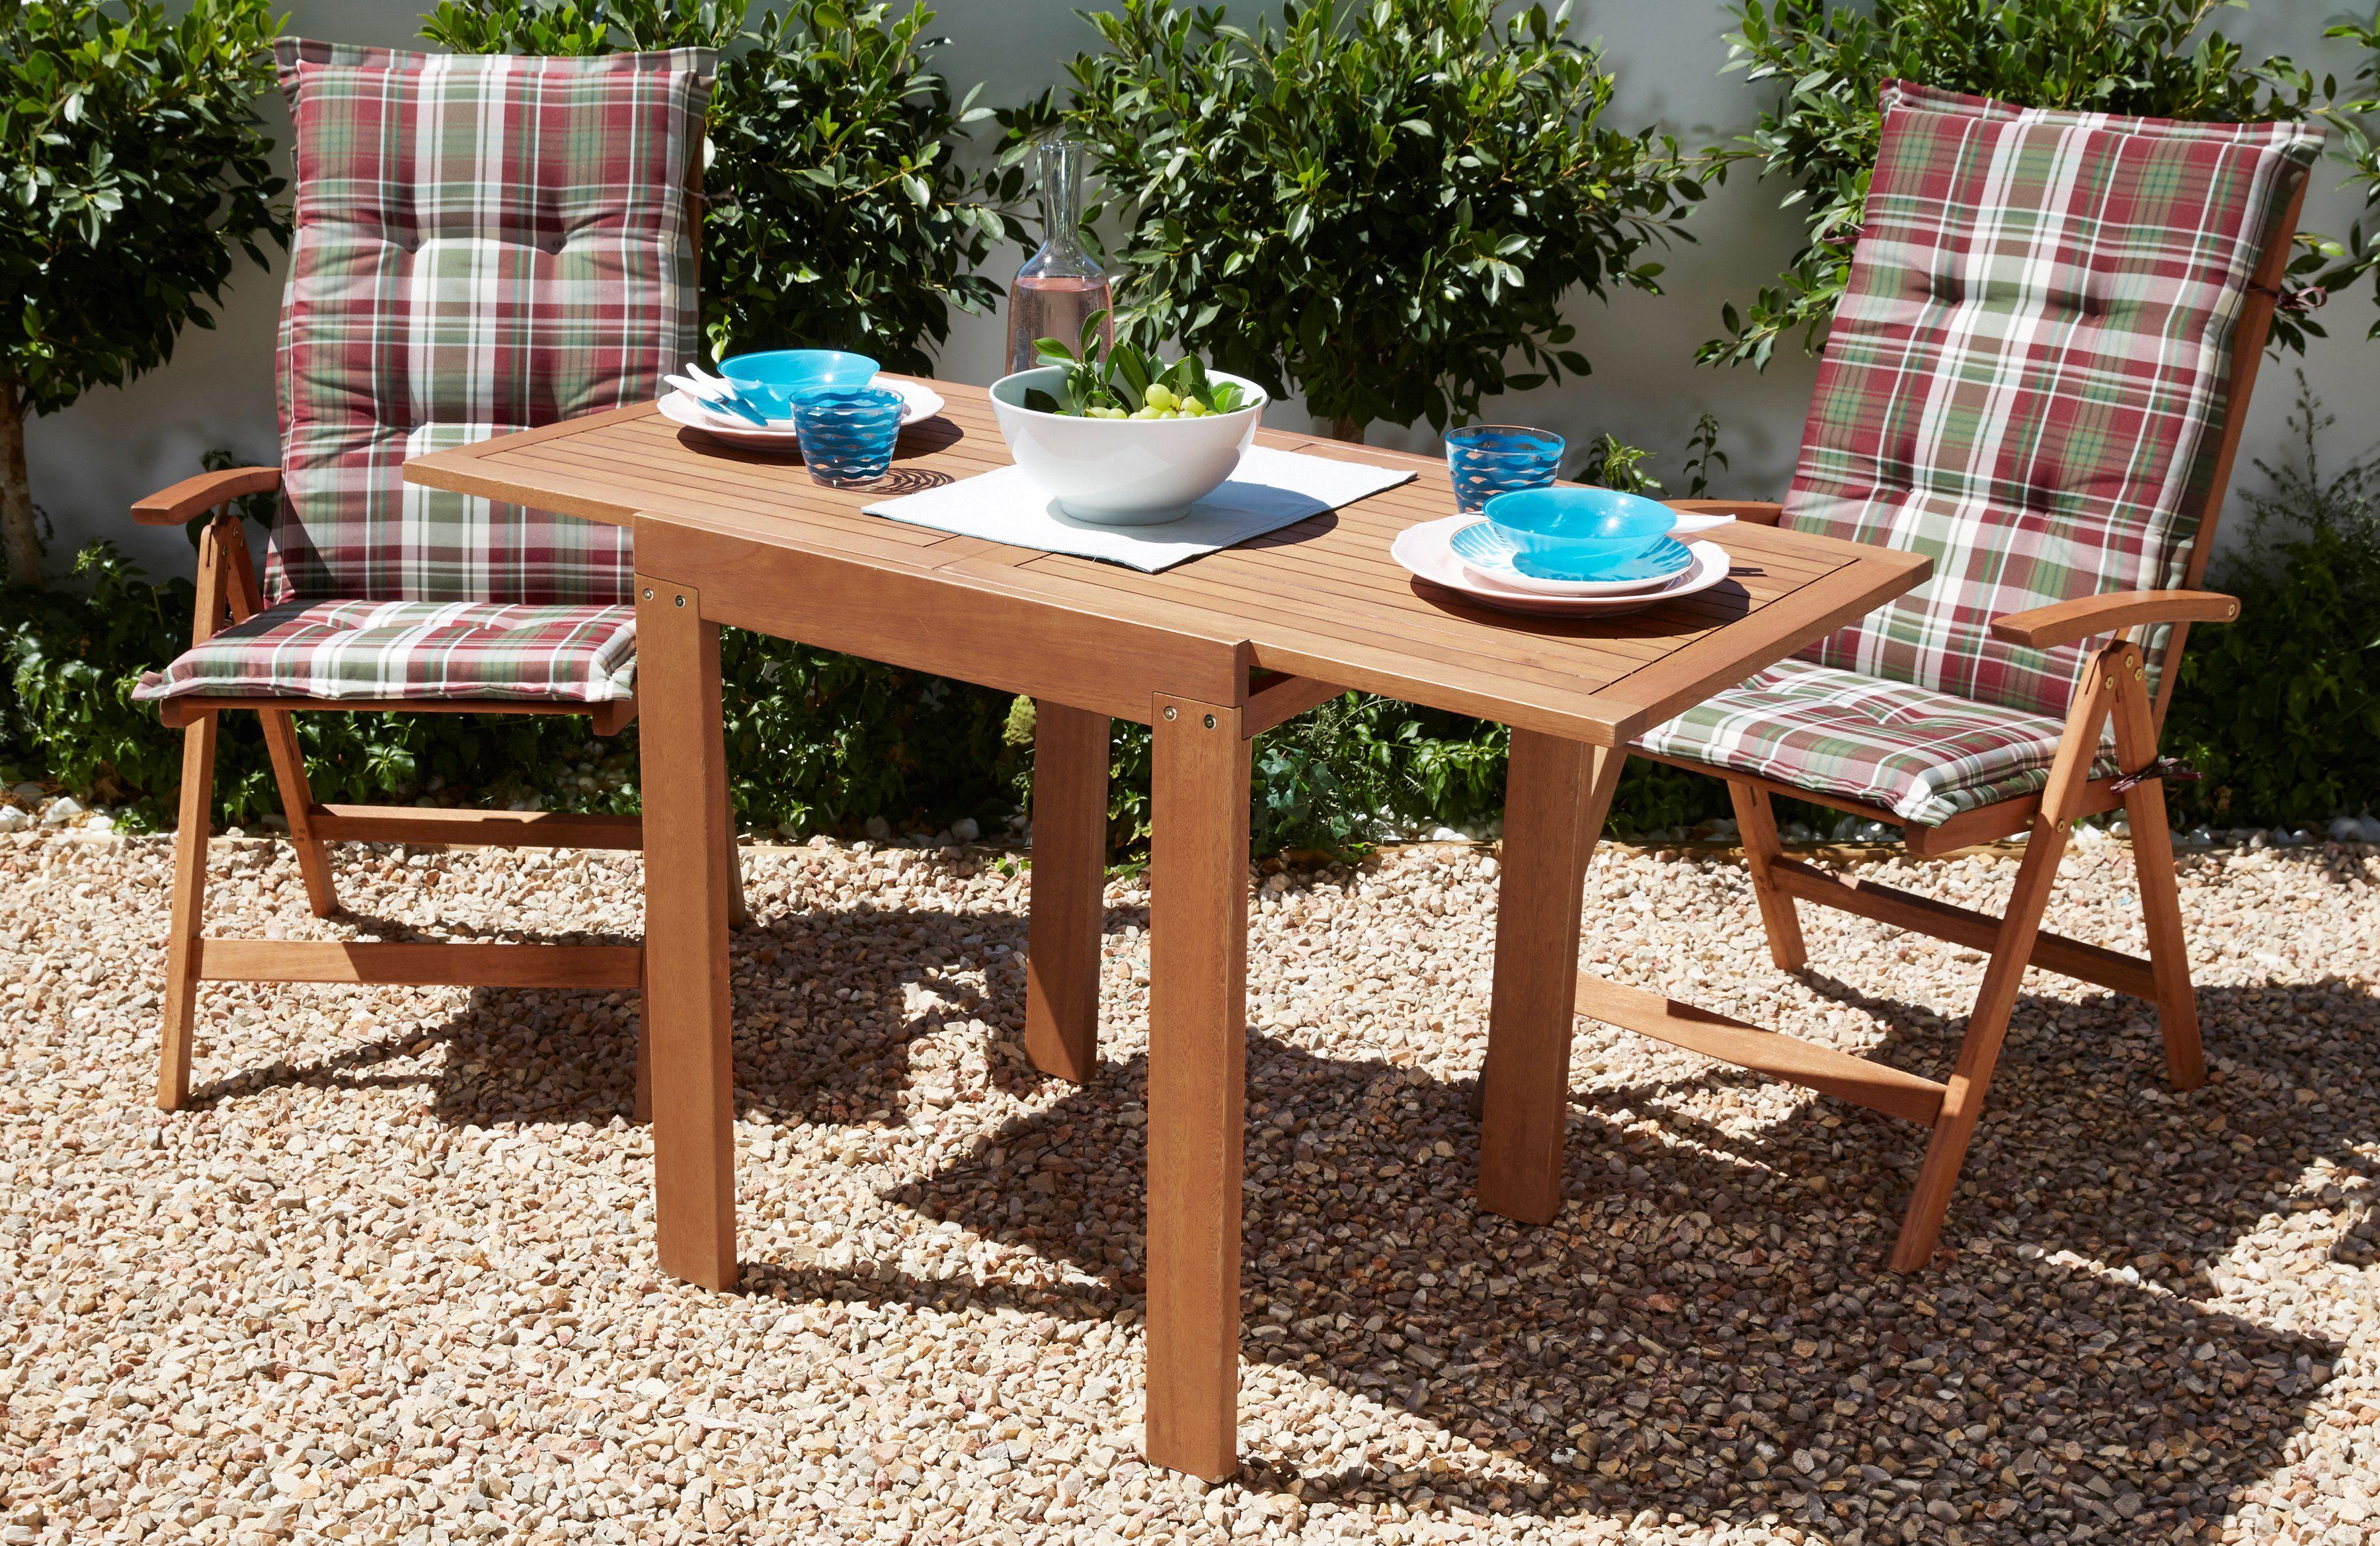 MERXX Gartenmöbelset »Borkum«, 5-tlg.,2 Klappsessel, Tisch 70x130 cm, Eukalyptus, braun